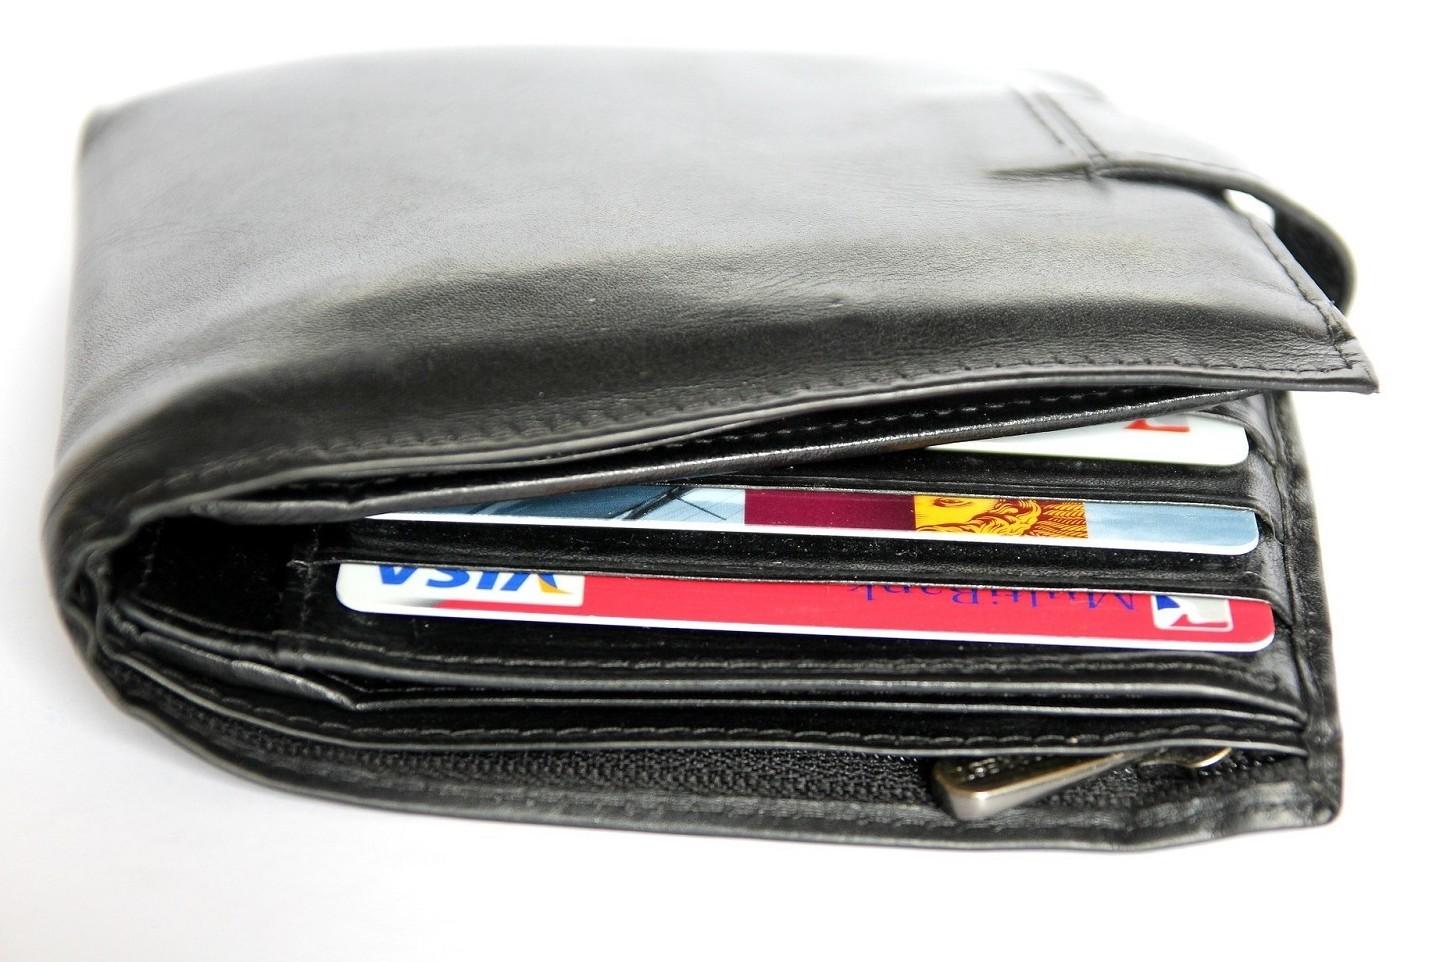 Pignoramento stipendio per prestito non pagato. Quando avviene, di quanto, importo massimo